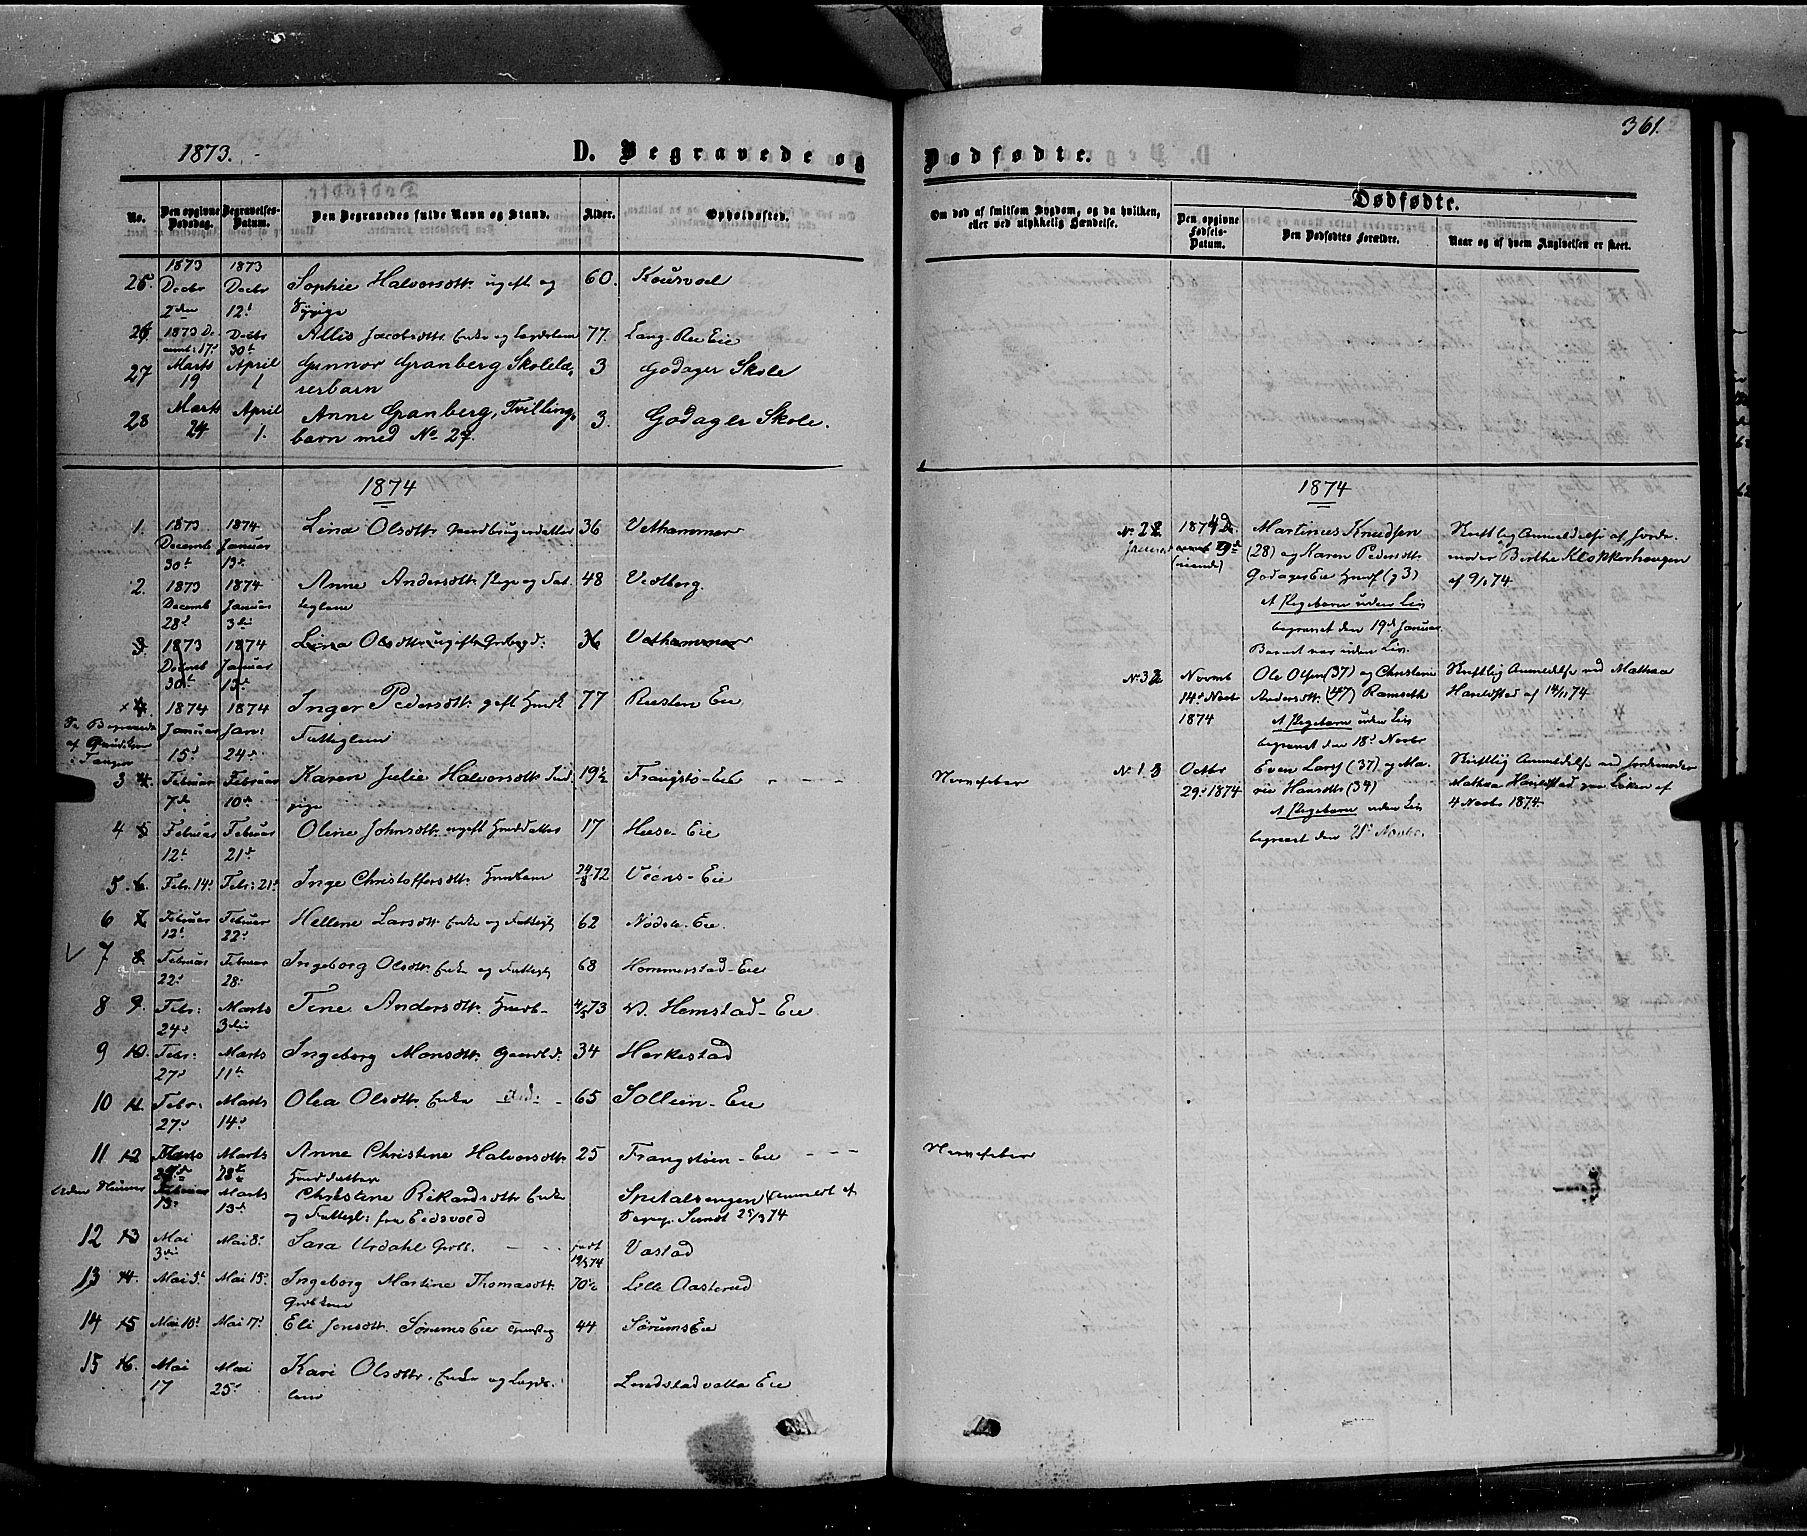 SAH, Stange prestekontor, K/L0013: Parish register (official) no. 13, 1862-1879, p. 361